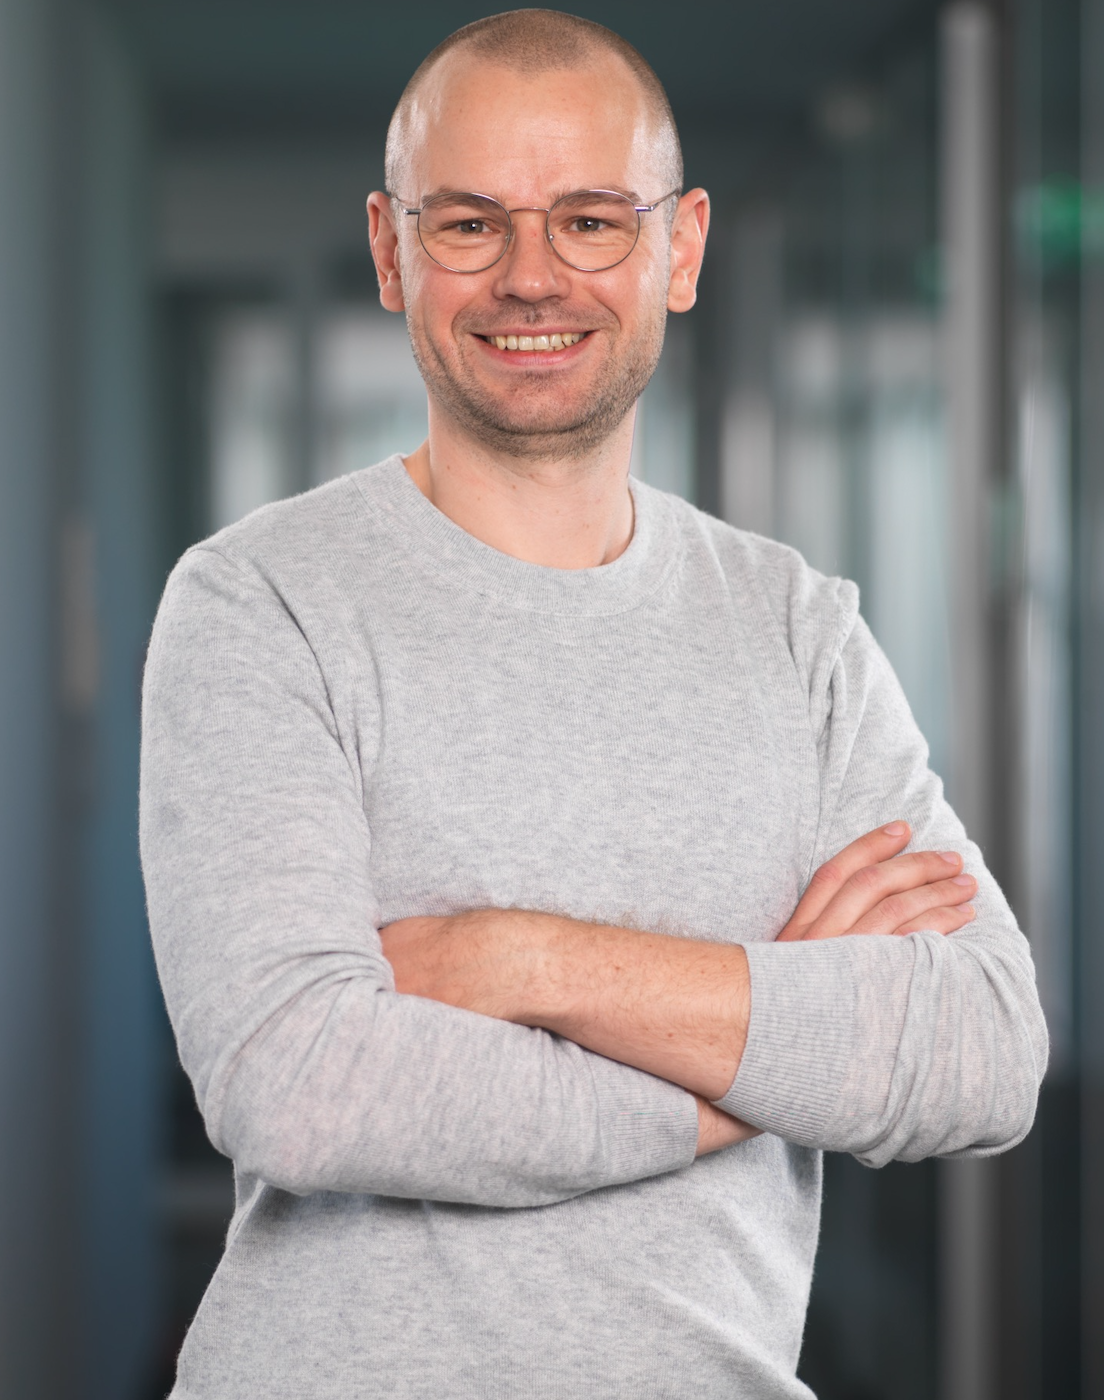 Tim-Oliver Müller